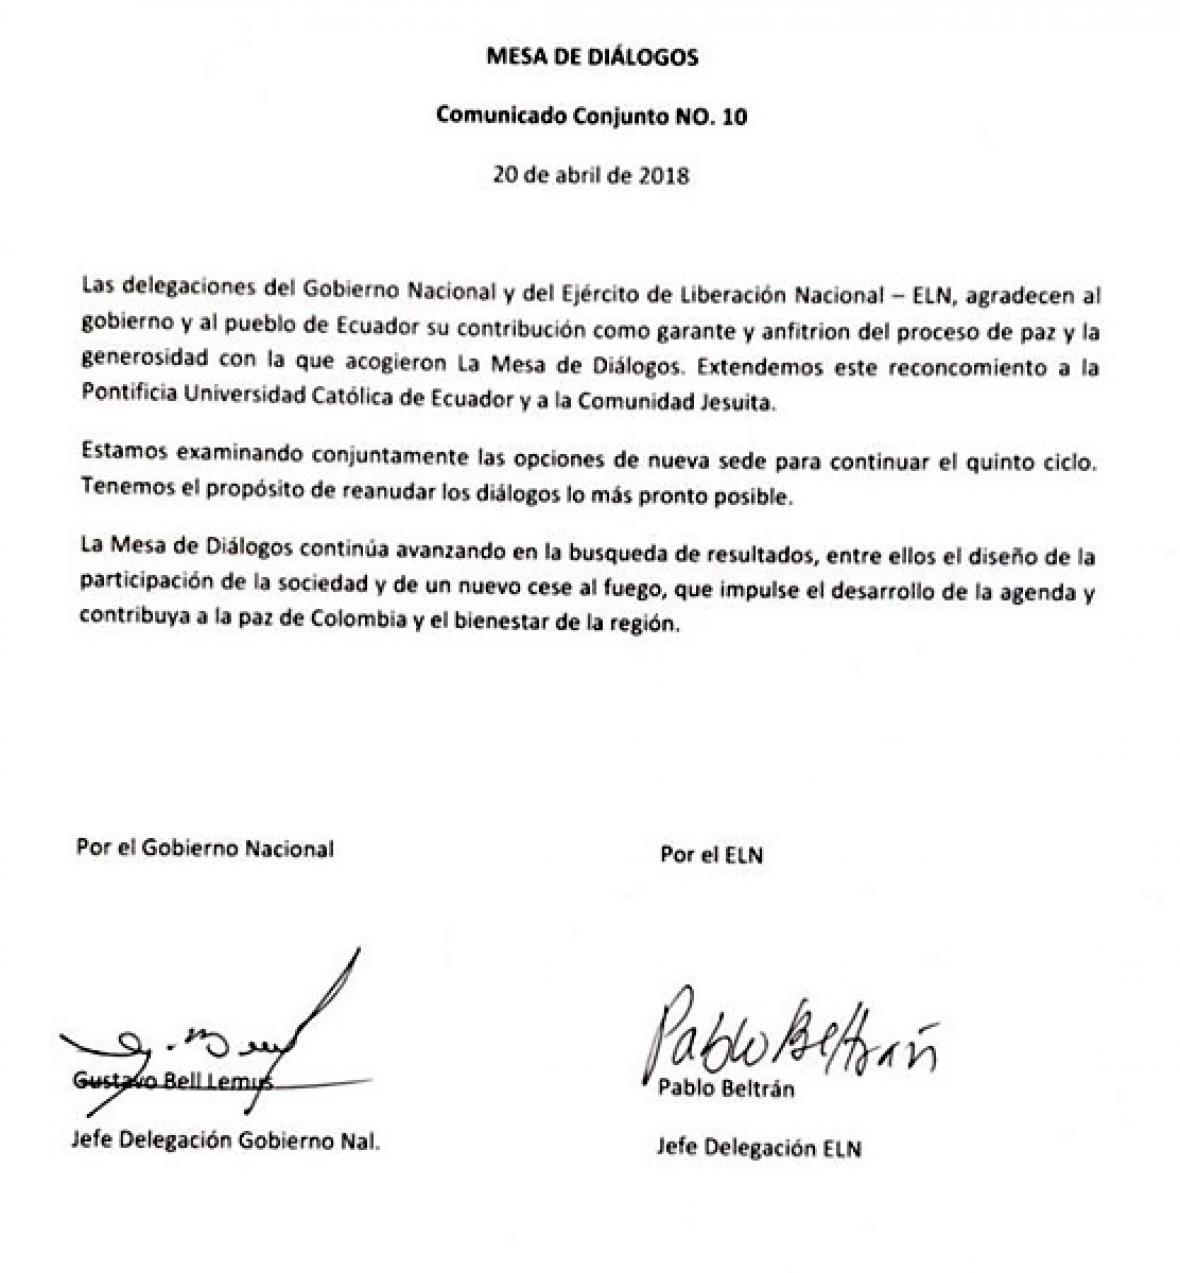 Cuatro países se ofrecen como sede de los diálogos Gobierno-Eln | El ...